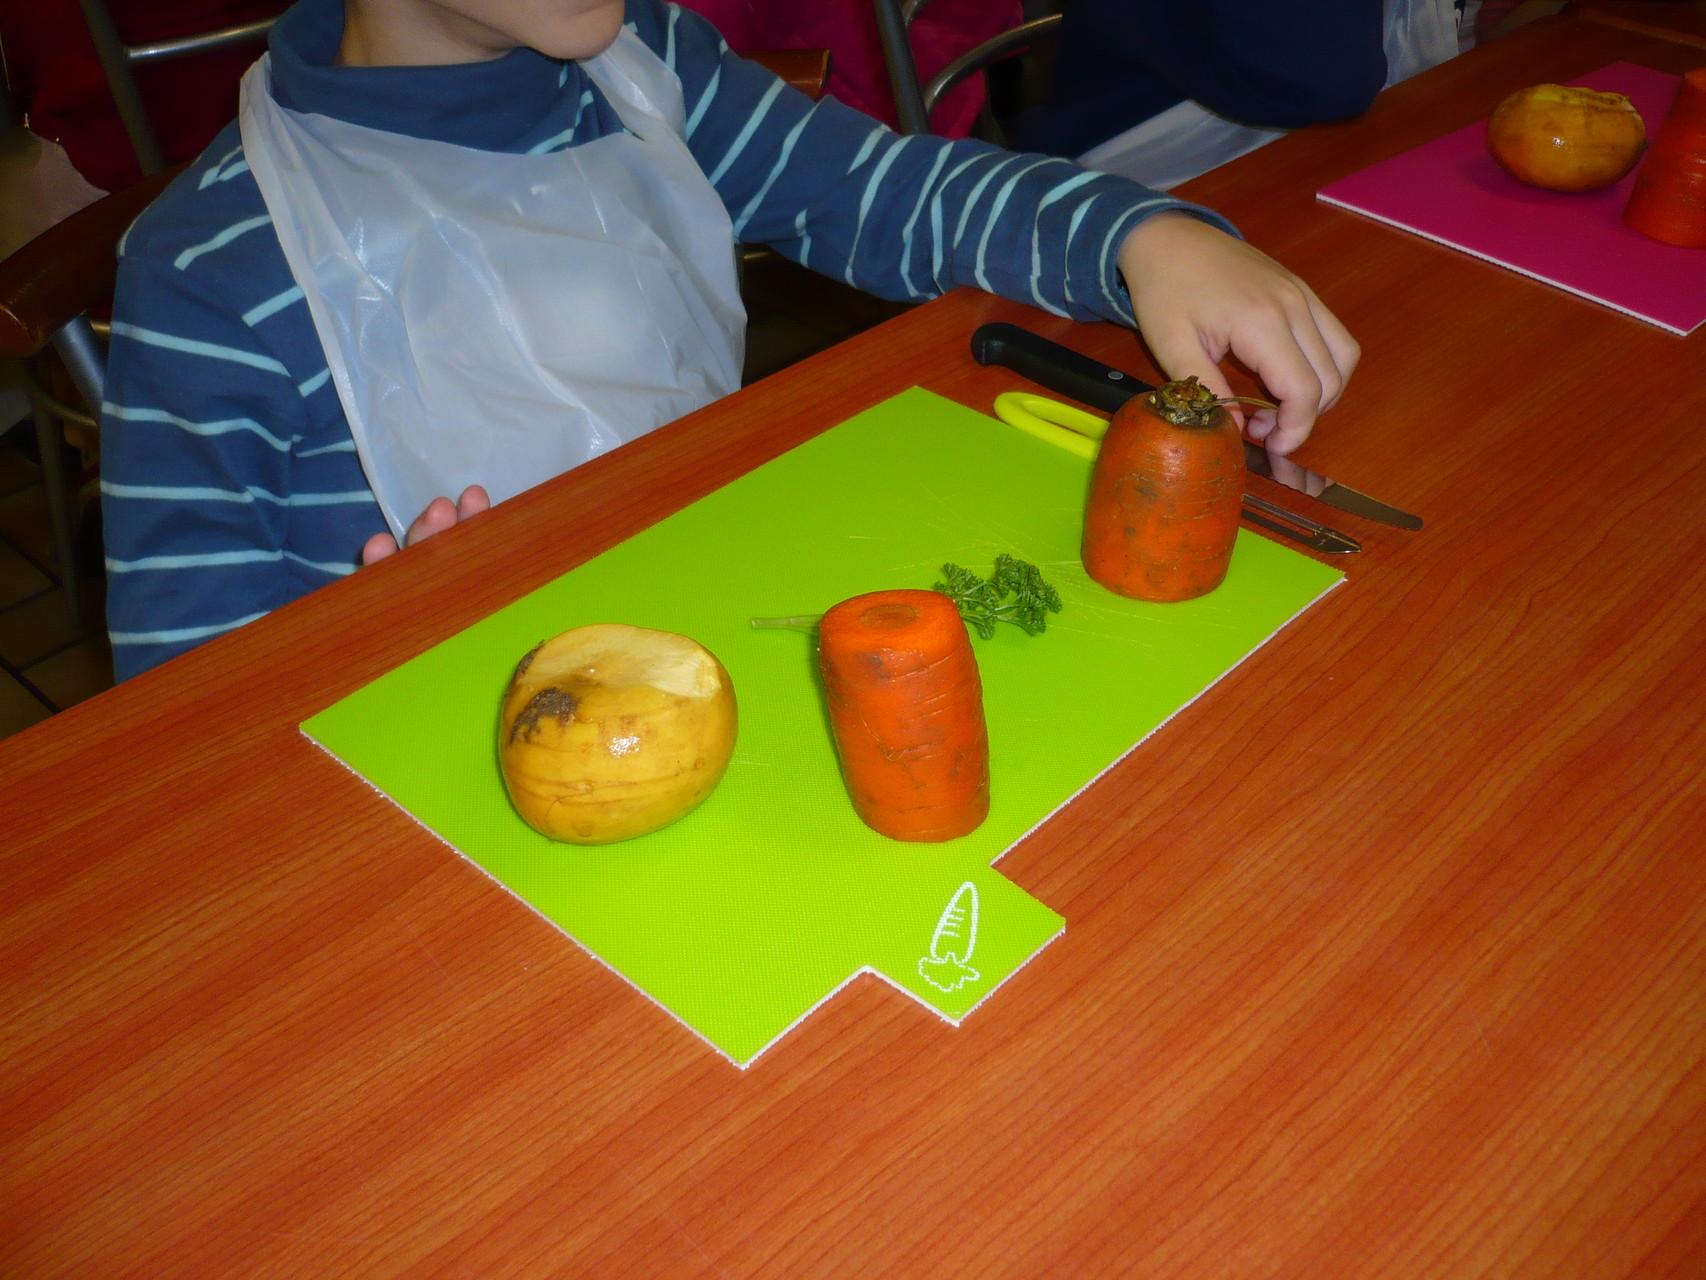 Des pommes de terres. Ce sera un potager cultivateur ! © UNAT Centre